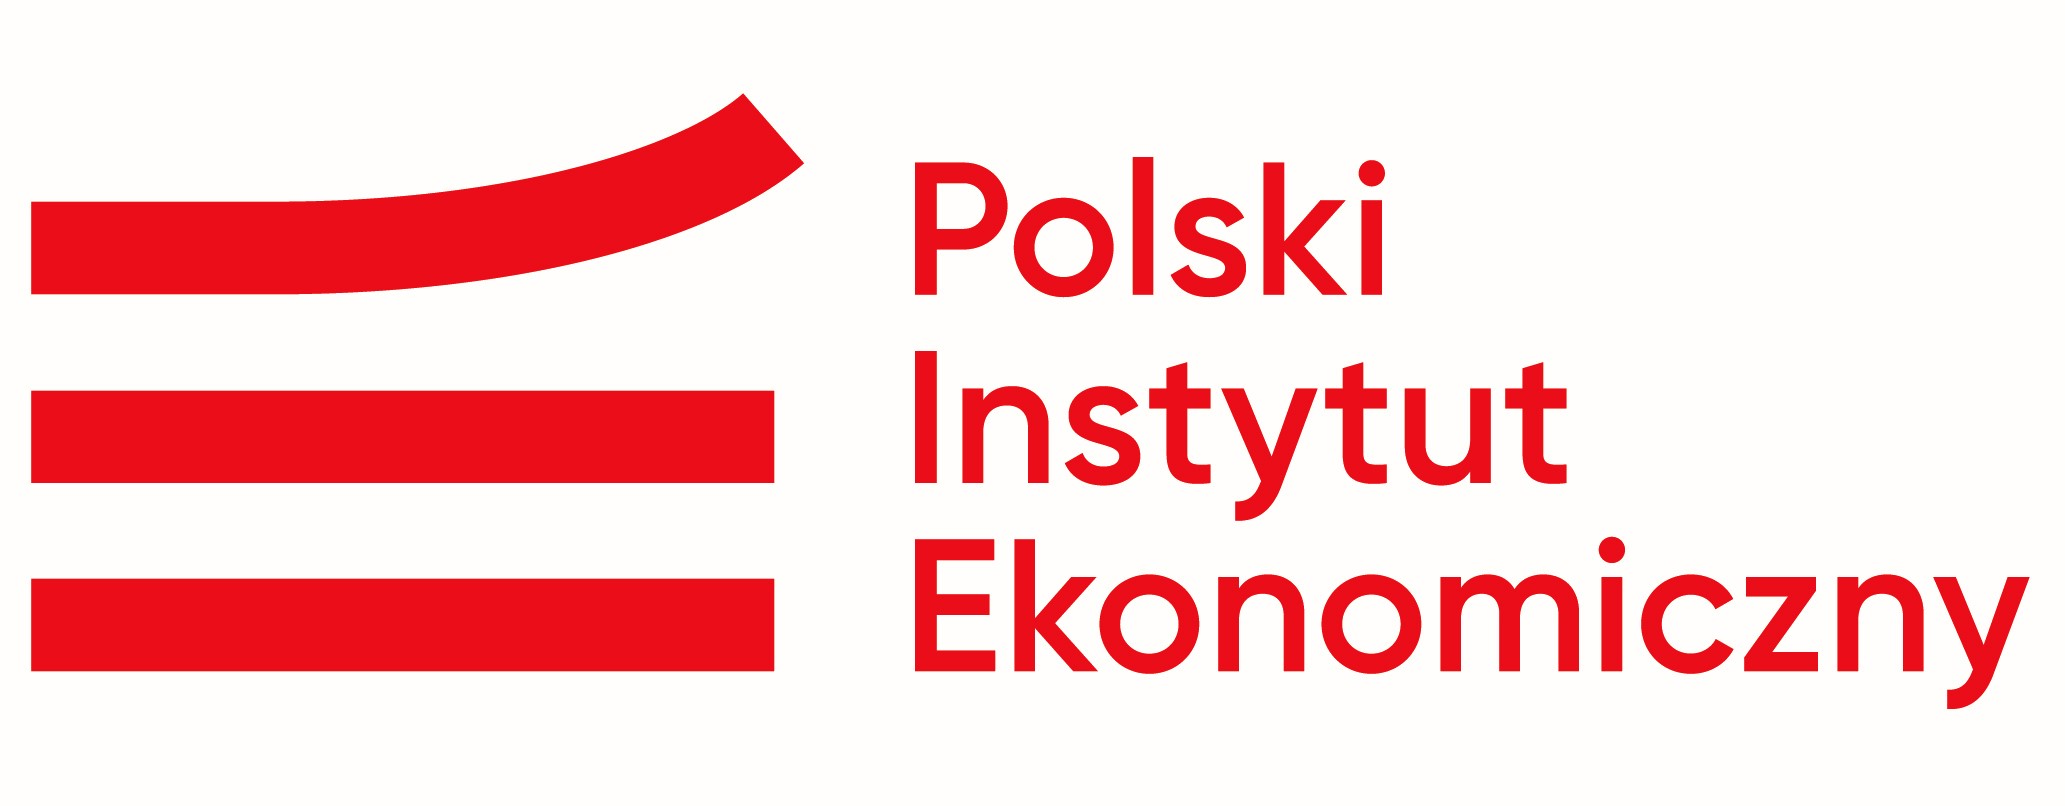 polski instytut ekonomiczny